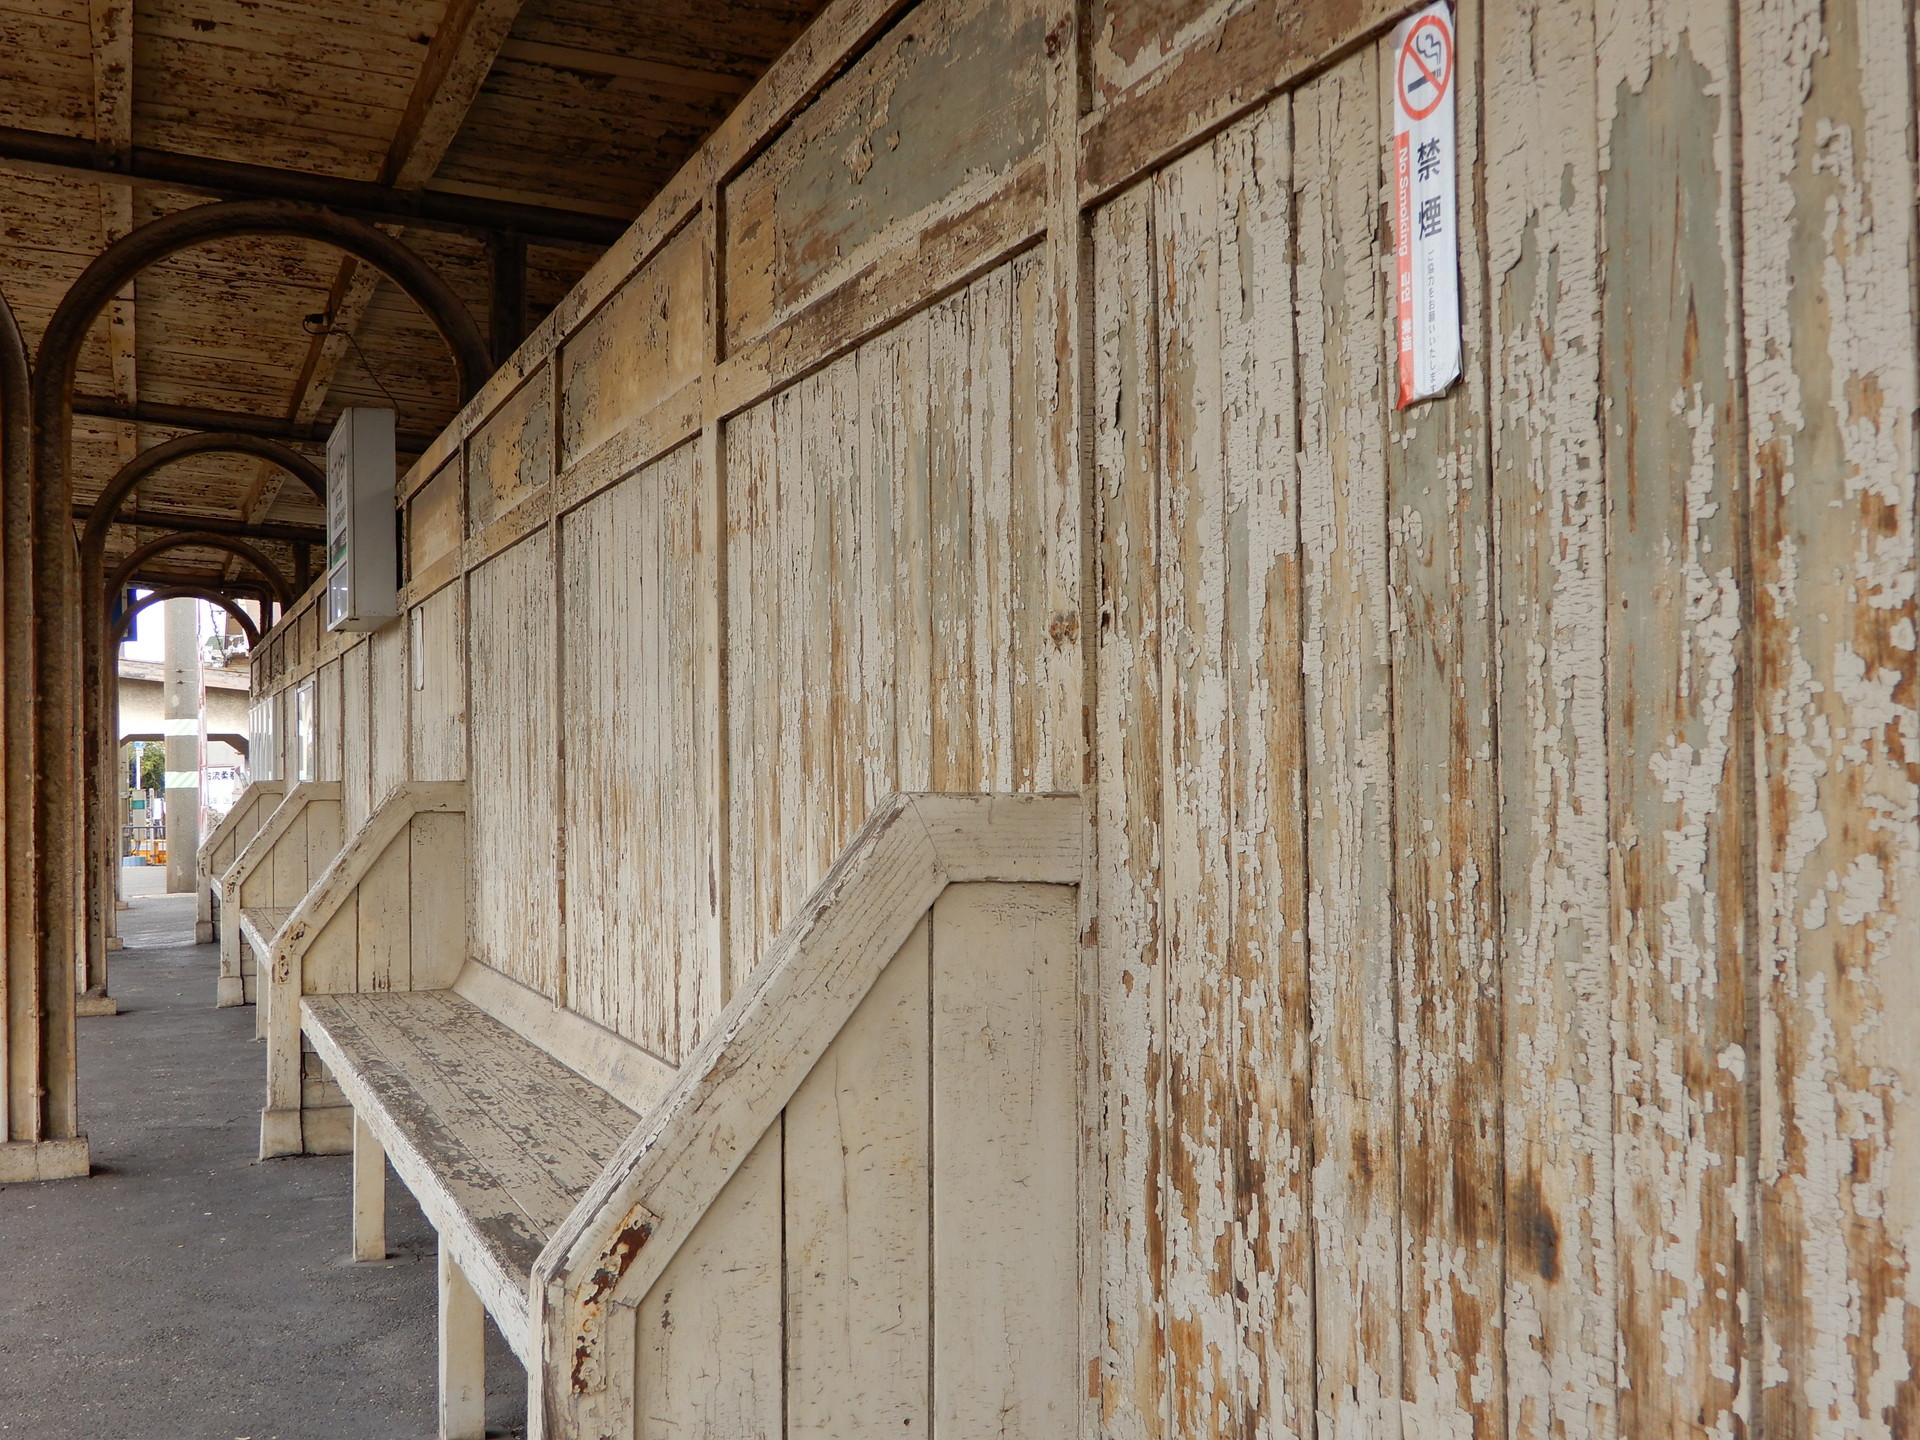 ボロボロの壁とベンチ